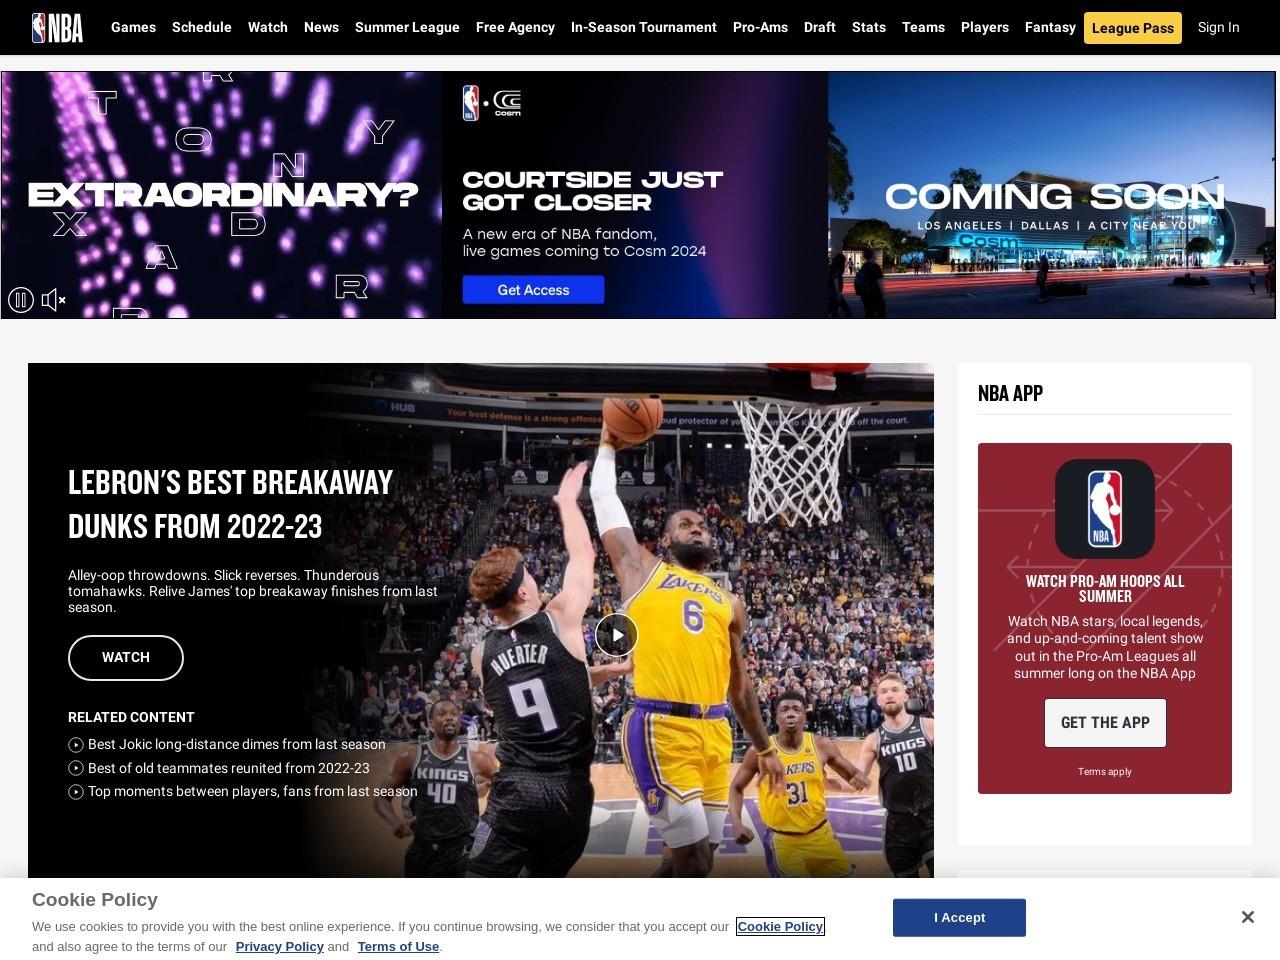 NBA.com 2014-15 GM Survey